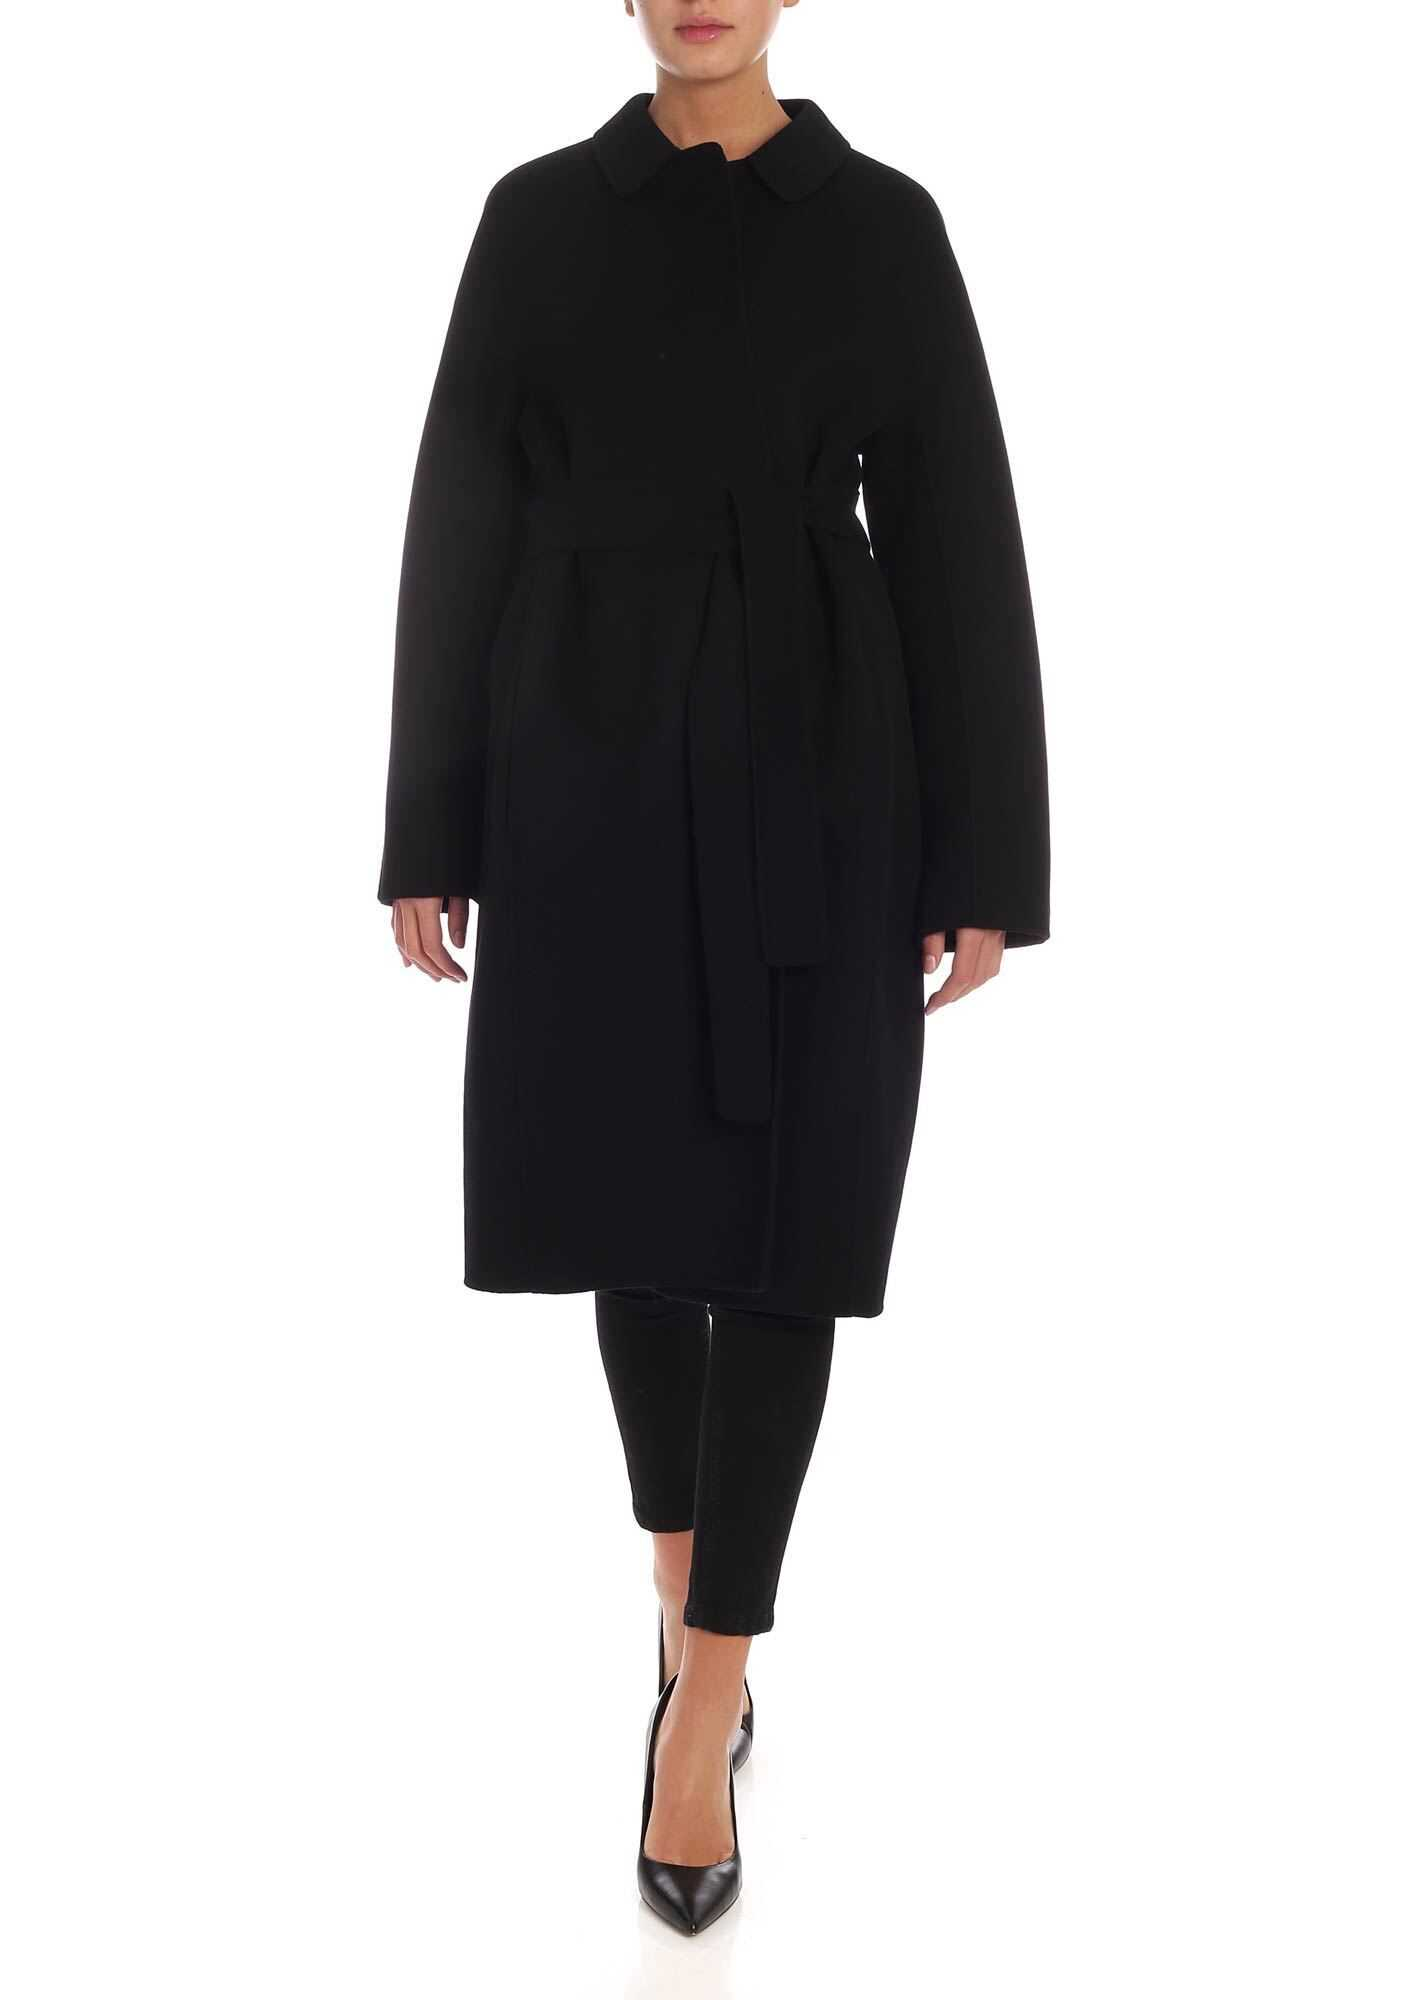 Max Mara Doraci Coat In Black Black